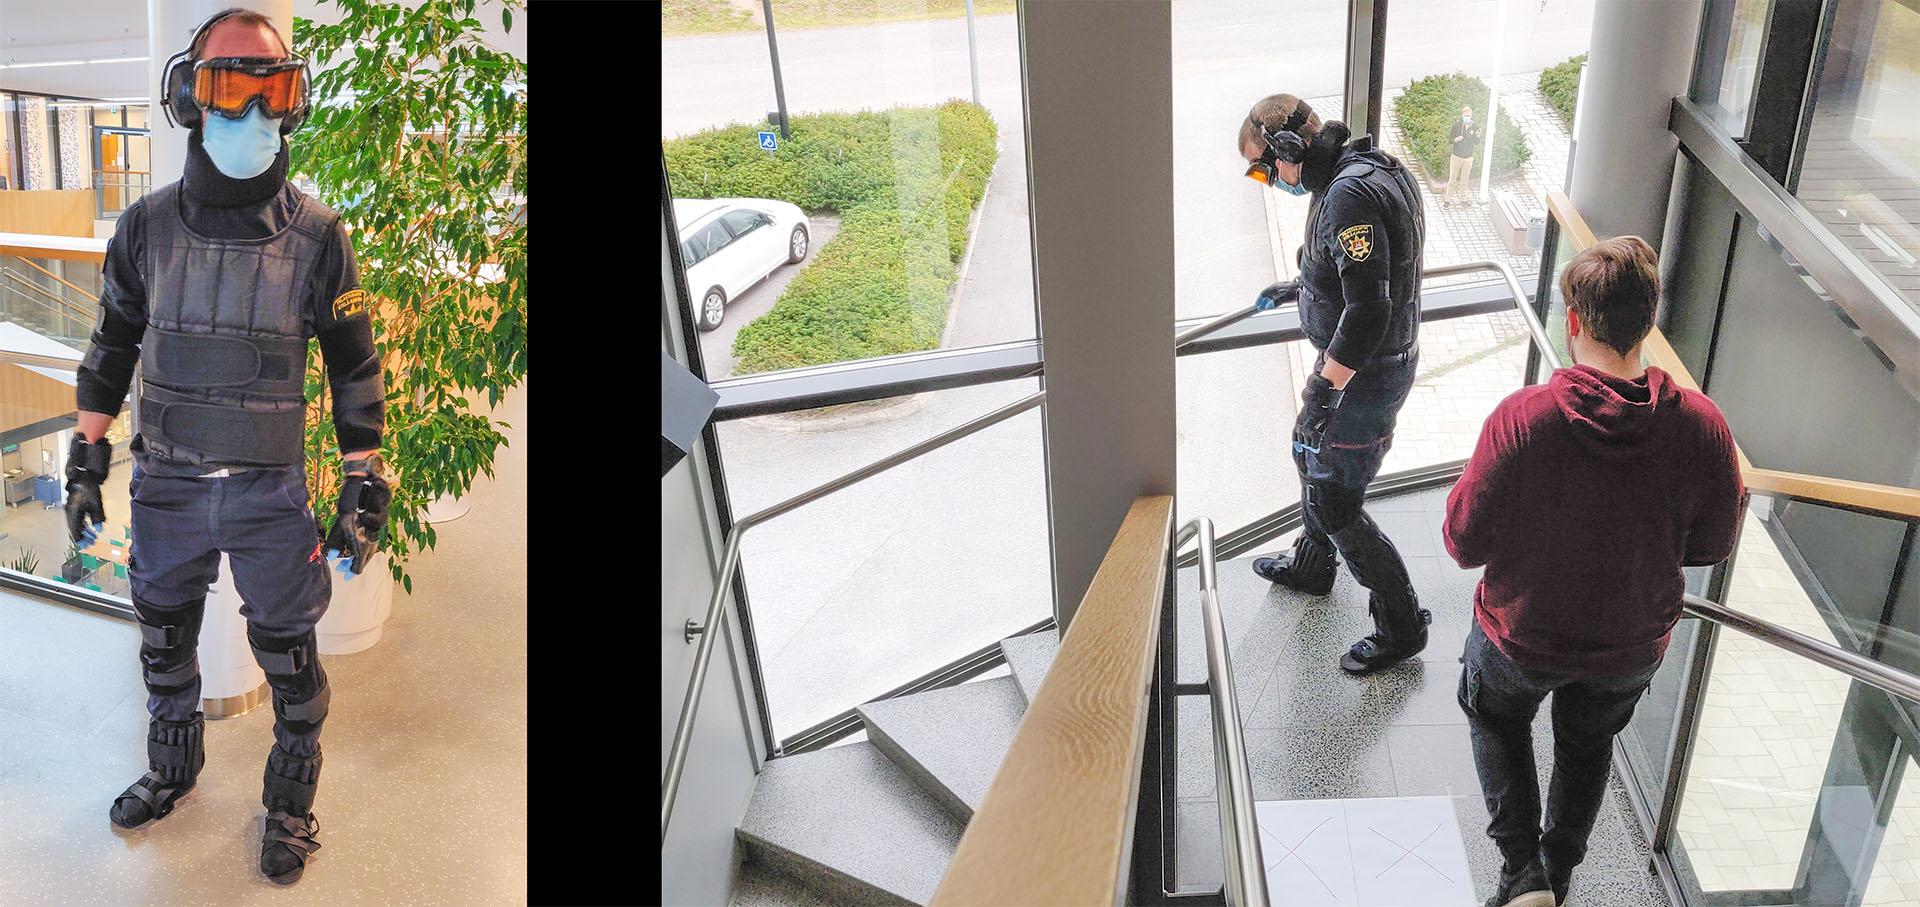 GERT-ikäpuku käytössä LAB-ammattikorkeakoulun tiloissa. Ikäpuku jäljittelee ikääntyneen ihmisen heikentynyttä näköä, kuuloa ja liikuntakykyä. Kuvat: Heidi Huuskonen/Etelä-Karjalan pelastuslaitos